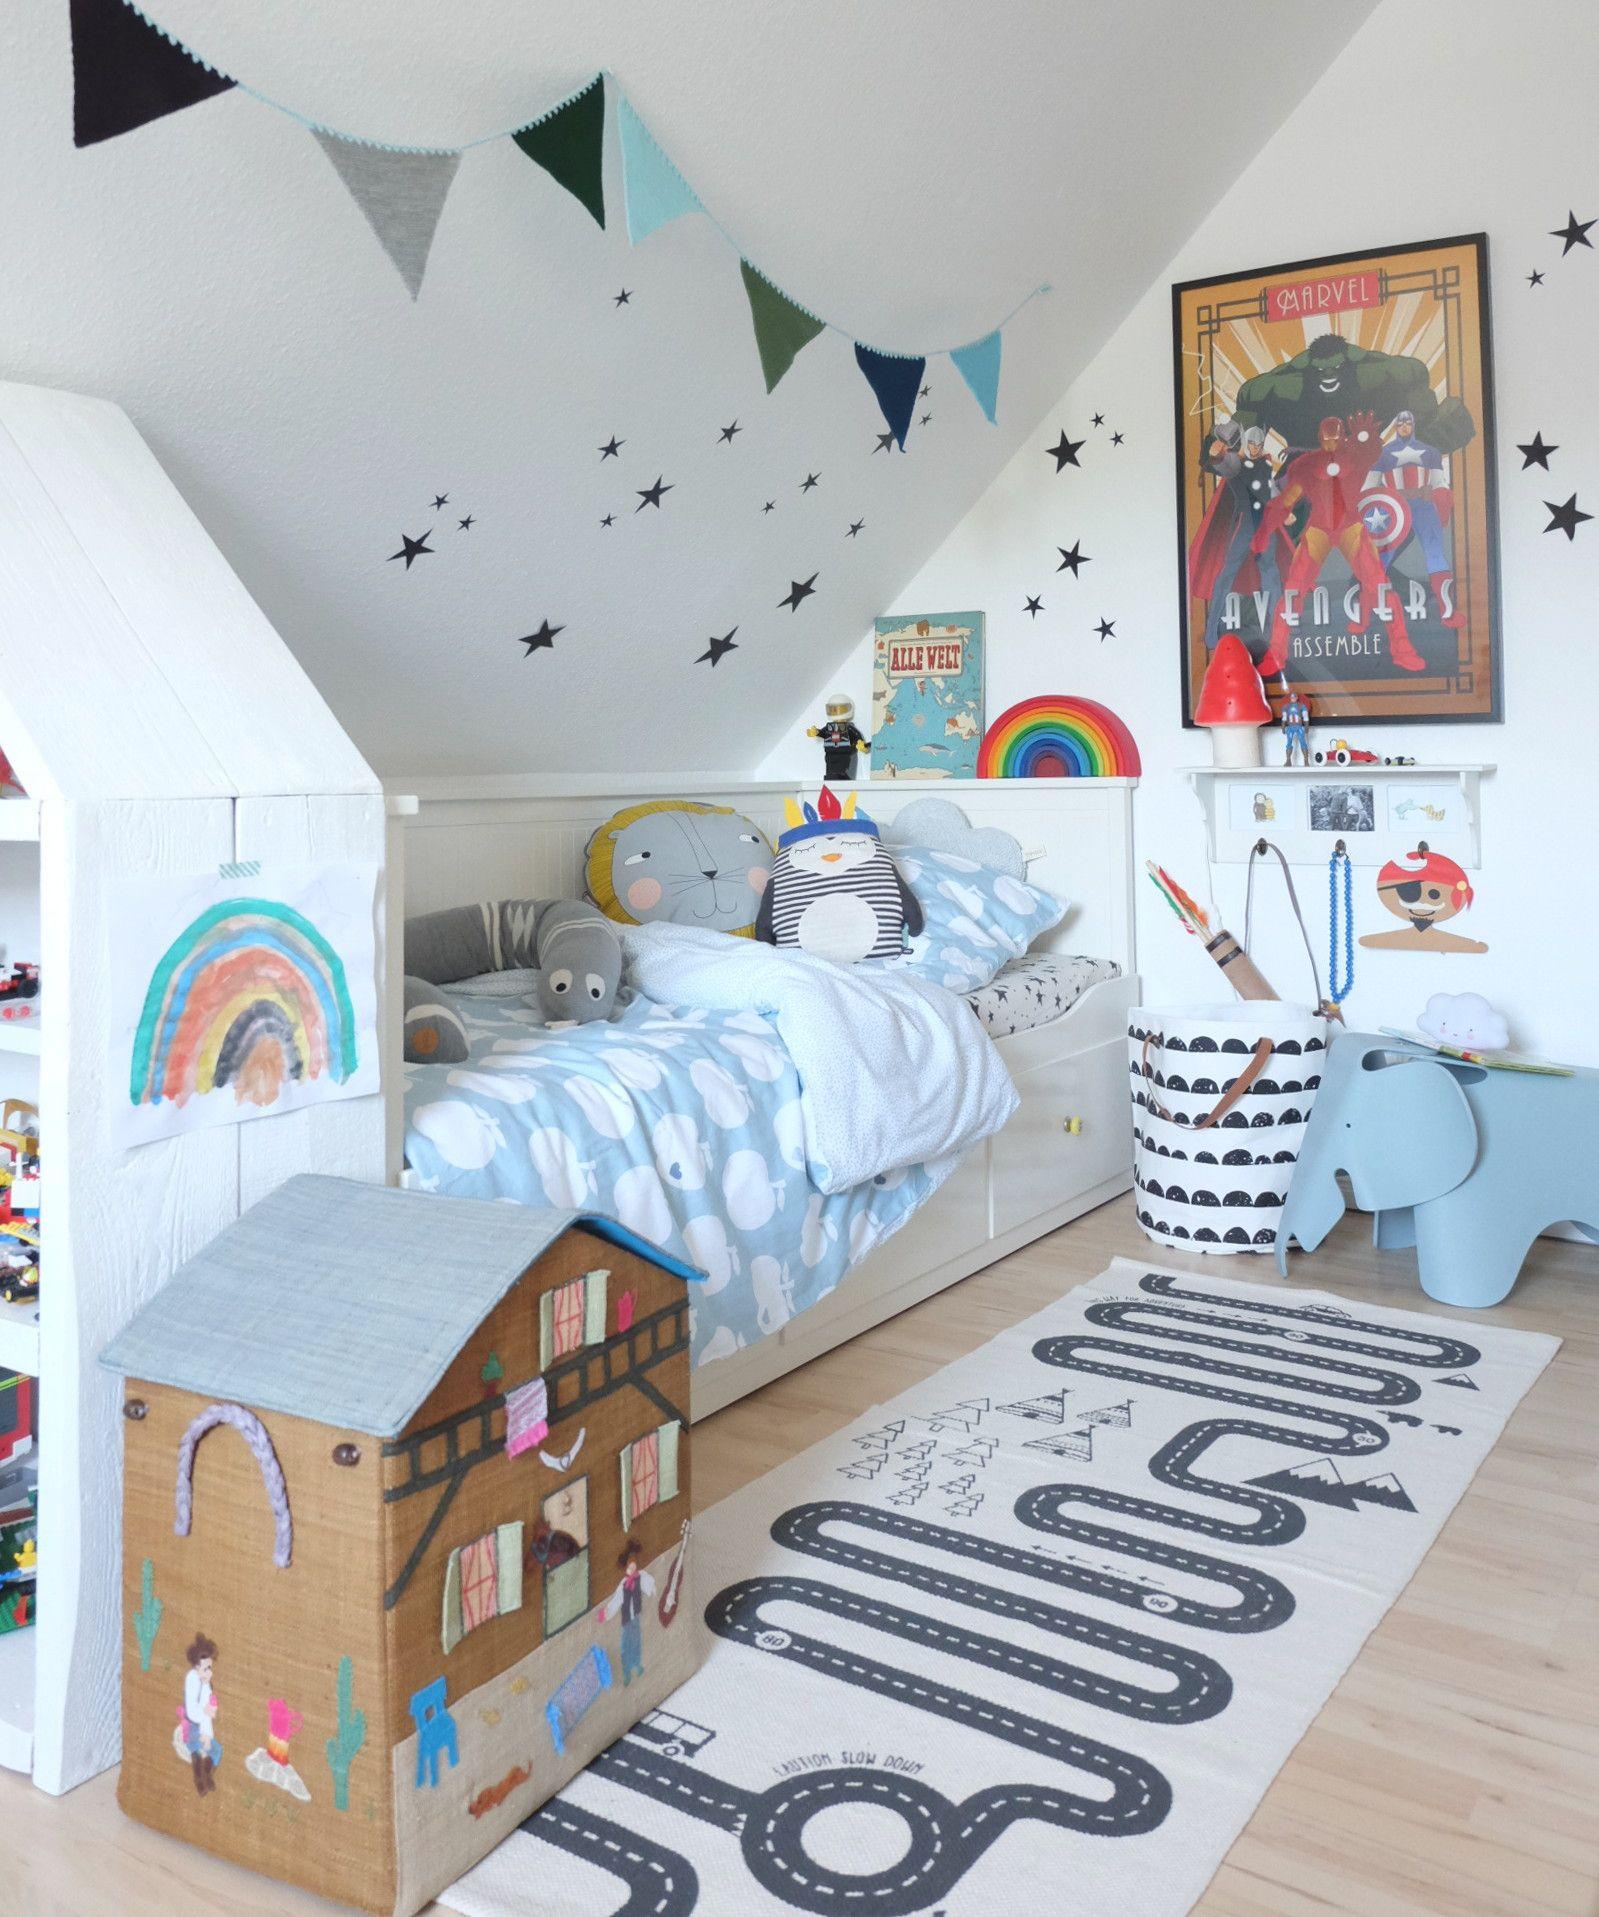 Werbung Kinderzimmer Styling Dekorieren Mit Viel Platz Für Fantasie Und Ein Wolkenrausfallschutz Diy Kinder Zimmer Kinderzimmer Babyzimmer Dekor